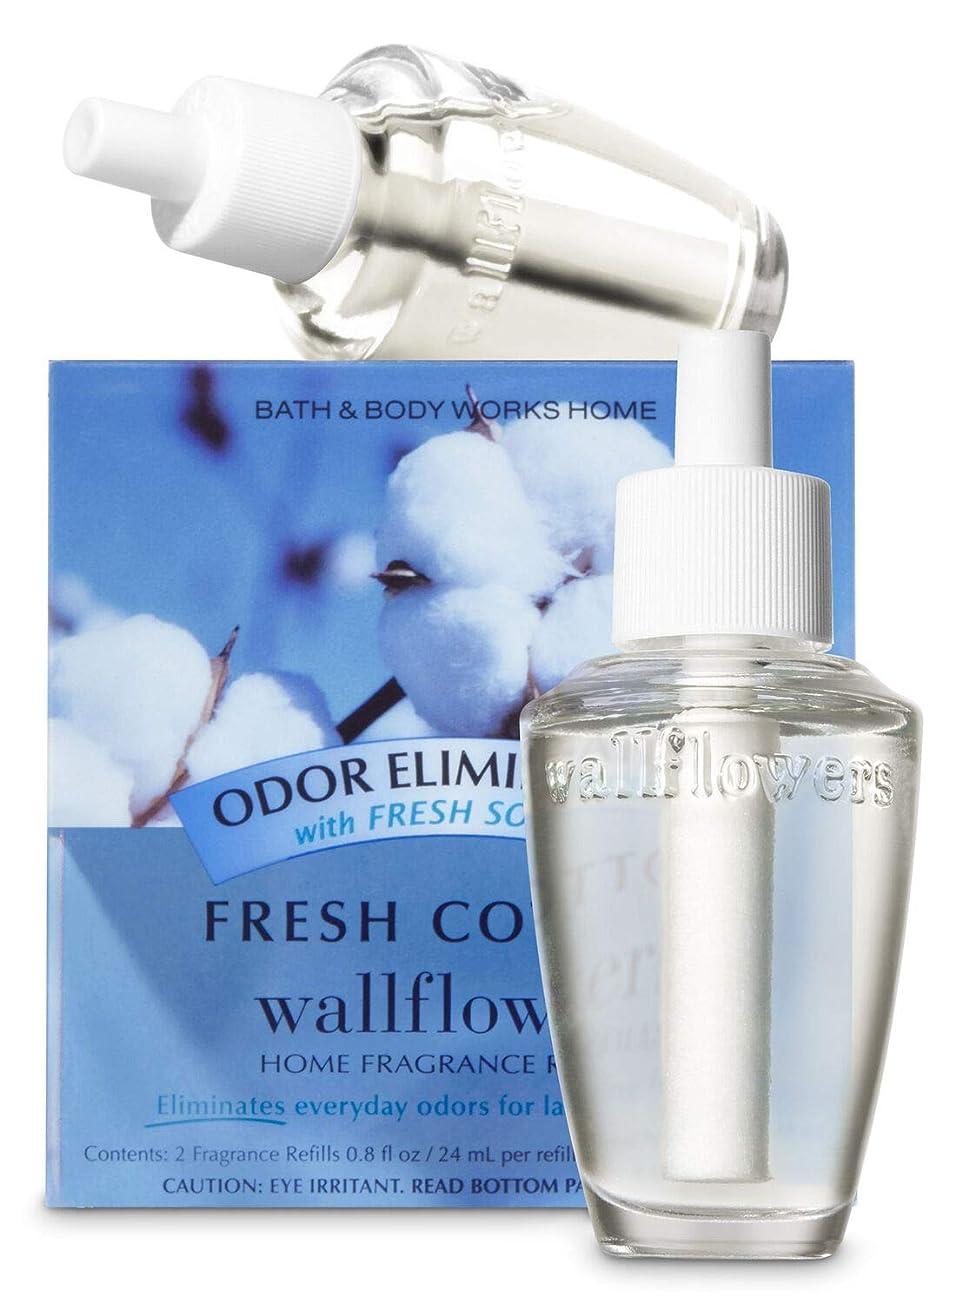 セーターゆでる無謀【Bath&Body Works/バス&ボディワークス】 ルームフレグランス 詰替えリフィル(2個入り) 消臭効果付き フレッシュコットン Wallflowers Home Fragrance 2-Pack Refills Odor eliminating Fresh Cotton [並行輸入品]